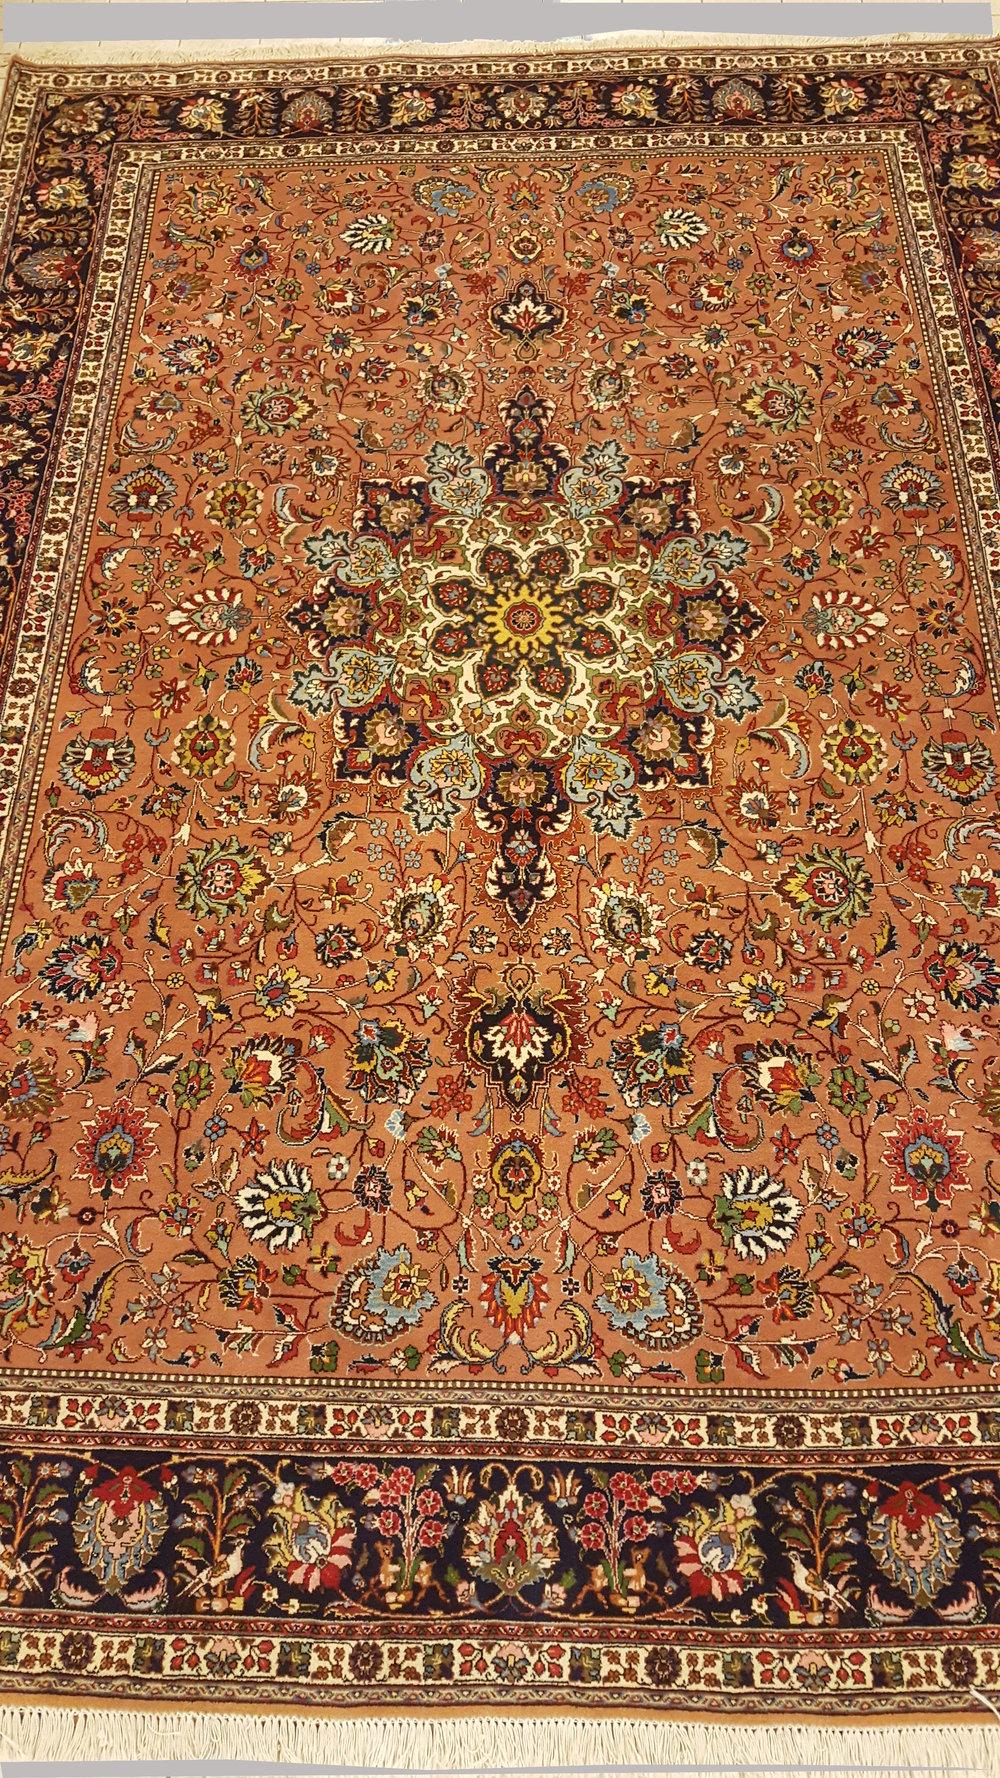 Tabriz Perzisch Tapijt.jpg